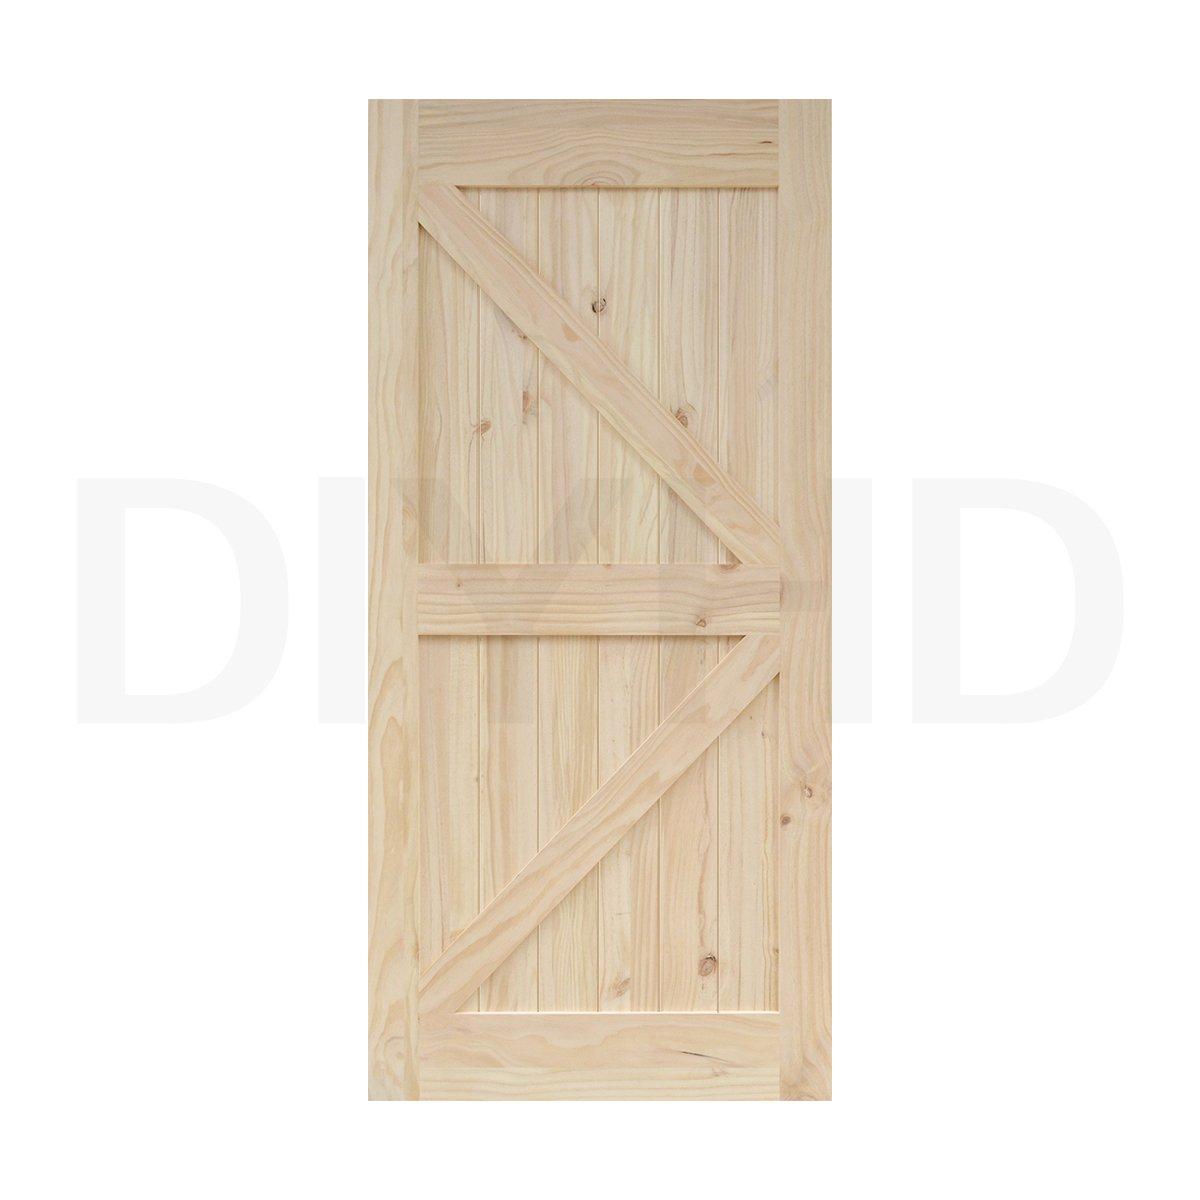 38 in84 in Pine Knotty Sliding Barn Wood Door Slab Two-side Arrow Shape Barn Door Slab (Unfinished)